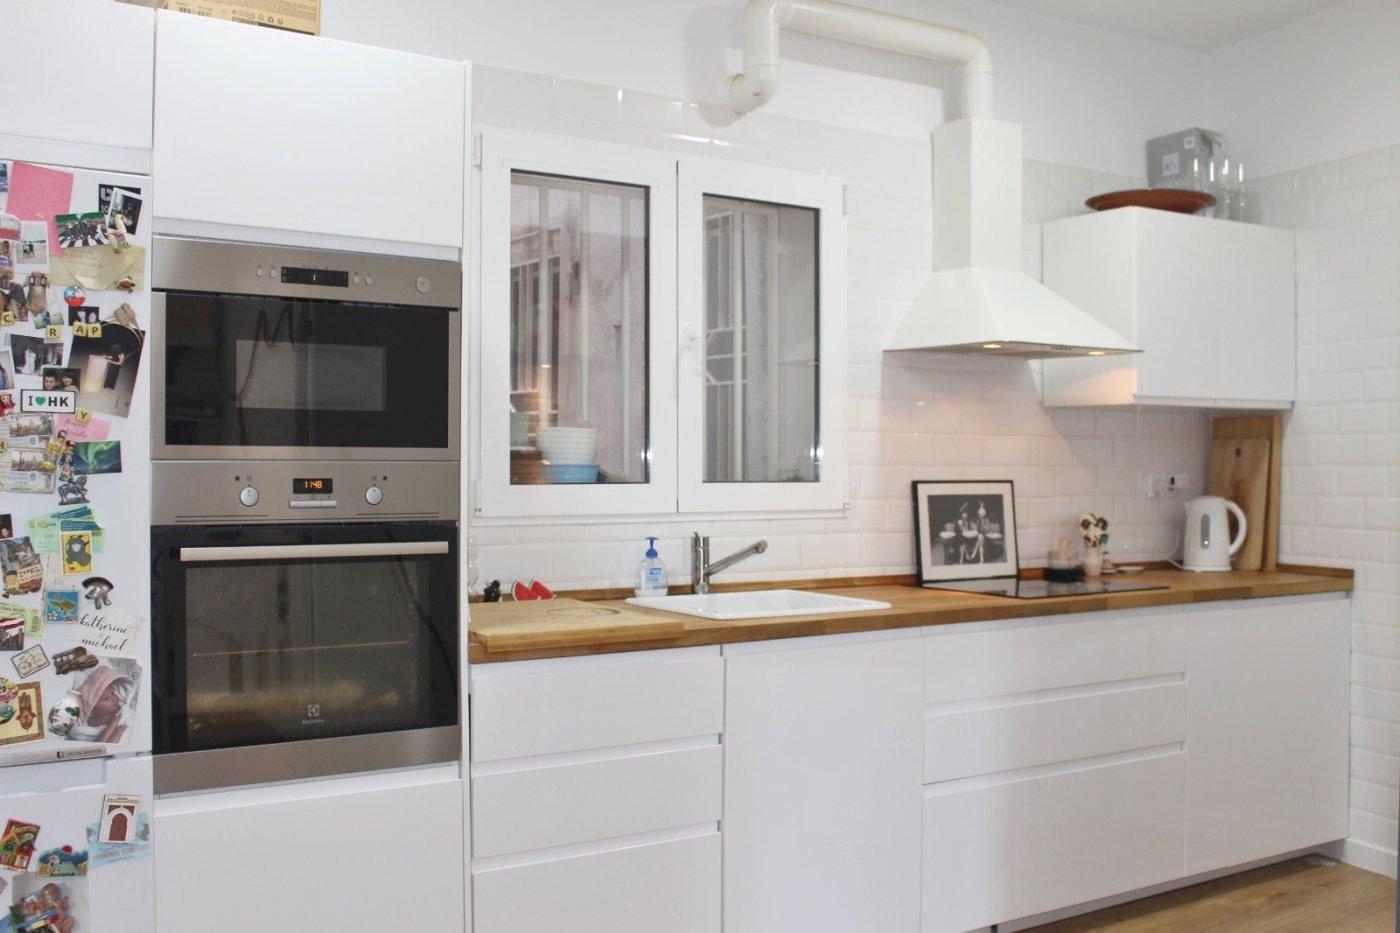 Moderno piso con balcón en espinardo - imagenInmueble10